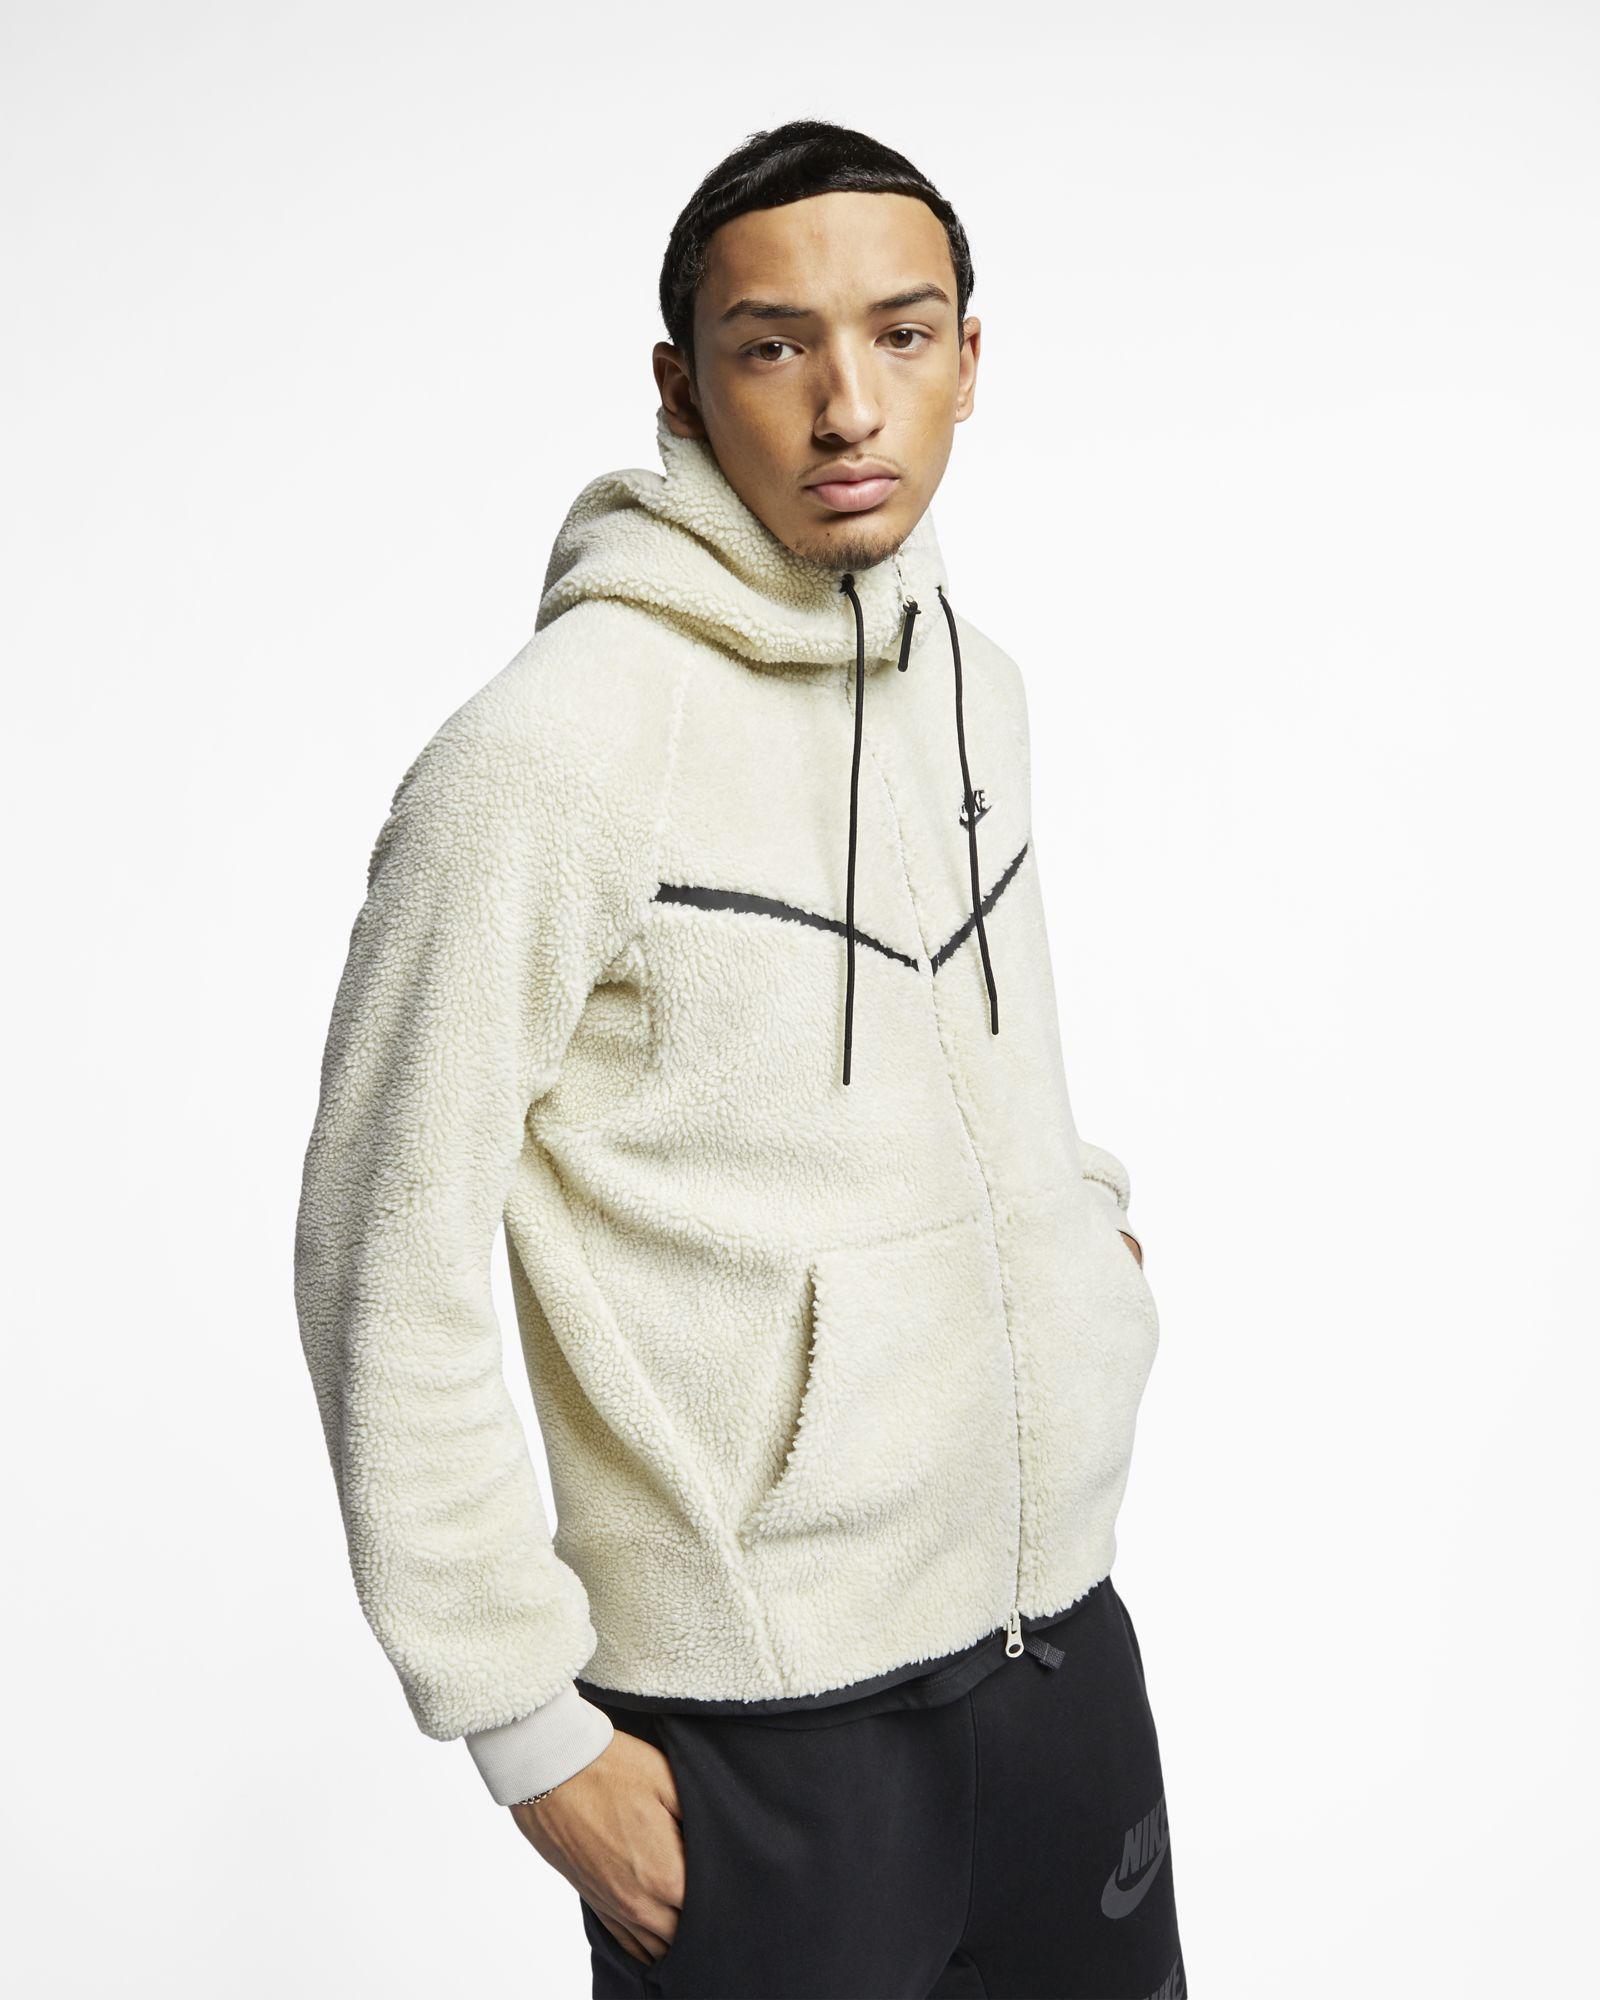 410284f7964 Nike Sportswear Windrunner Tech Fleece Sherpa Hoodie - SPORTING GOODS  Sports Hoodies | Sweatshirts - Superfanas.lt